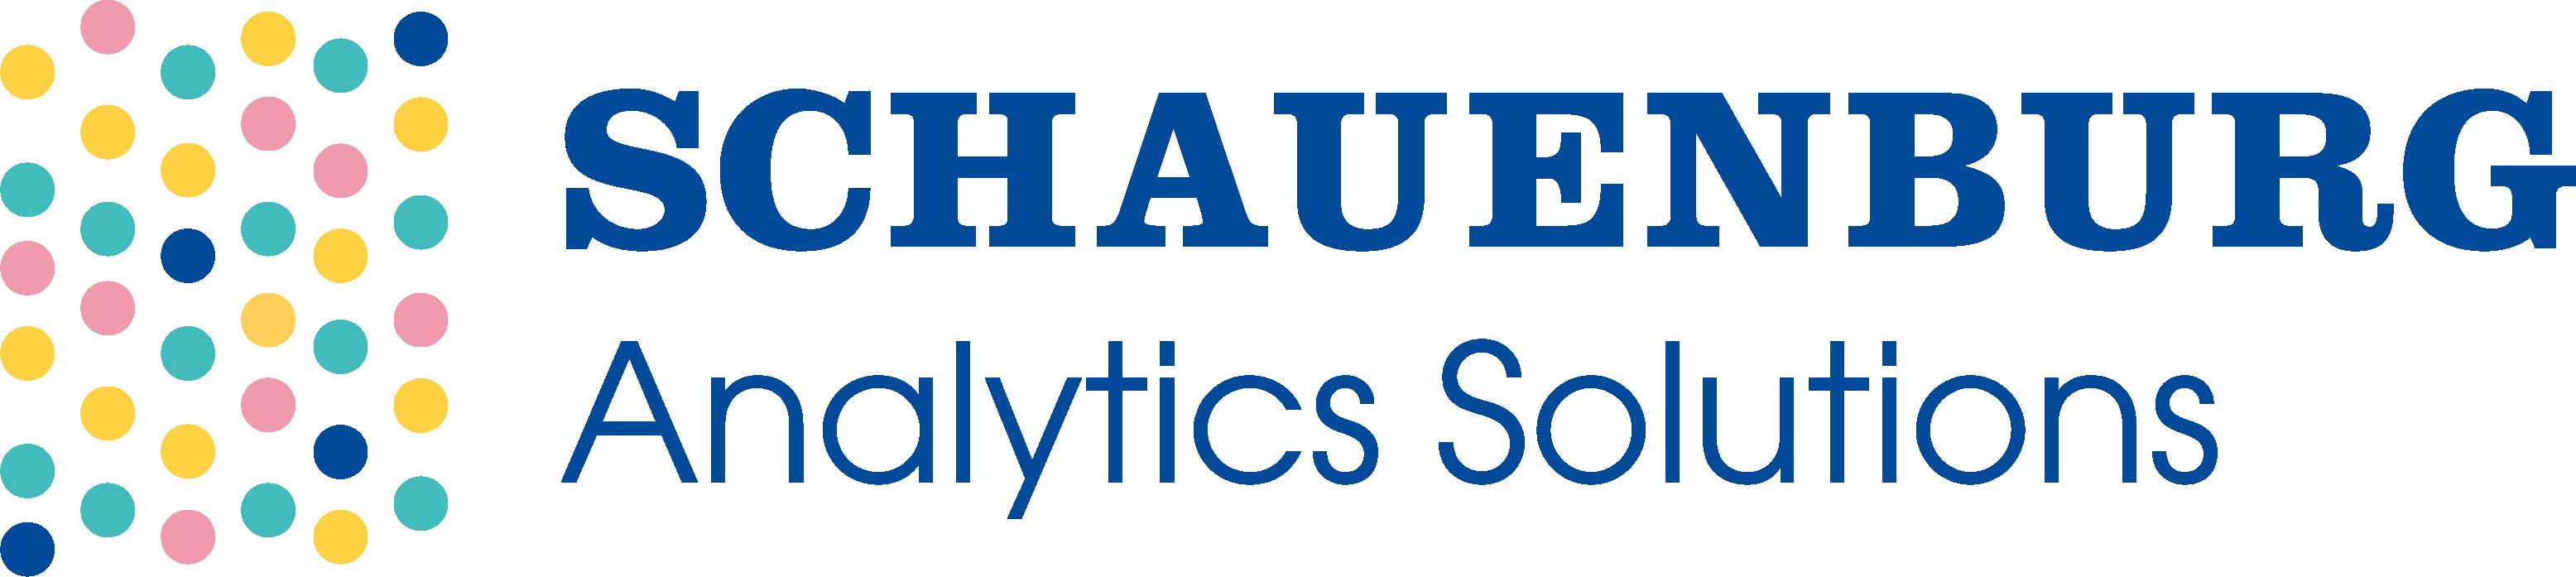 Schauenburg Analytics Solutions (Shanghai) Ltd